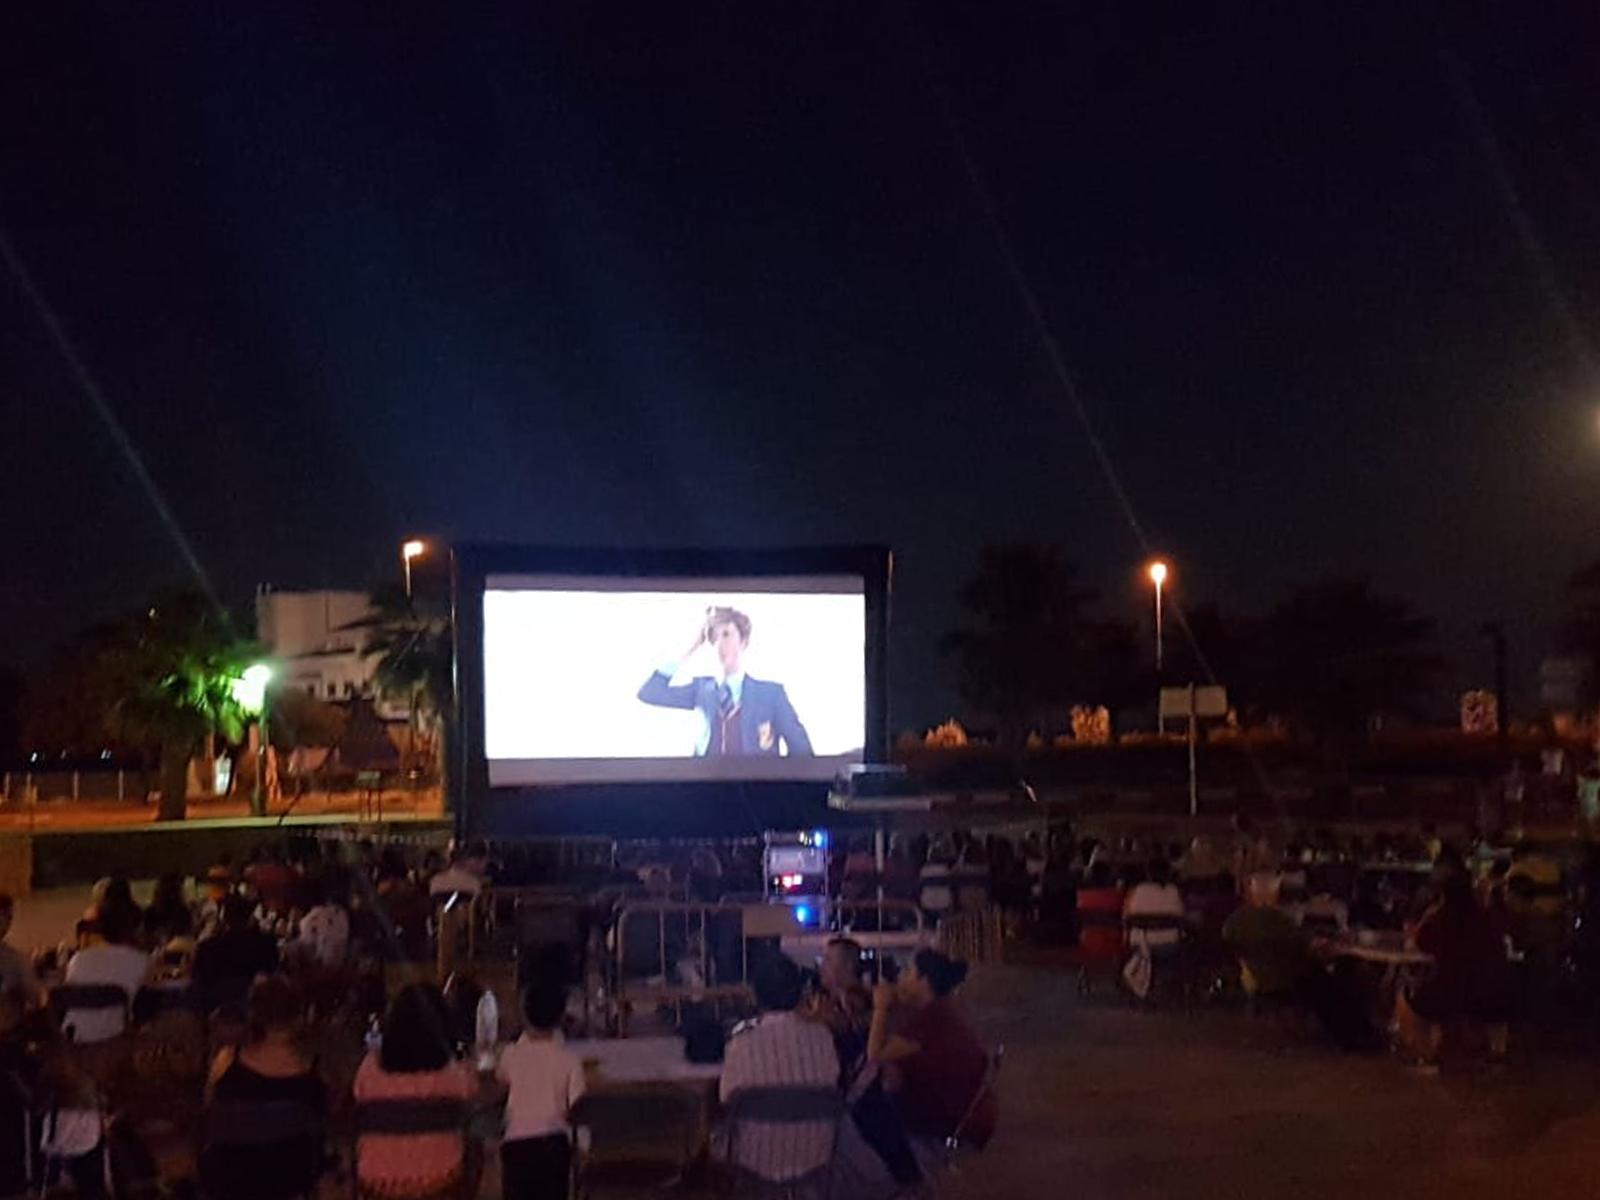 Durante esta semana las sesiones de cine a la fresca han sido las protagonistas de las noches de verano en Cheste